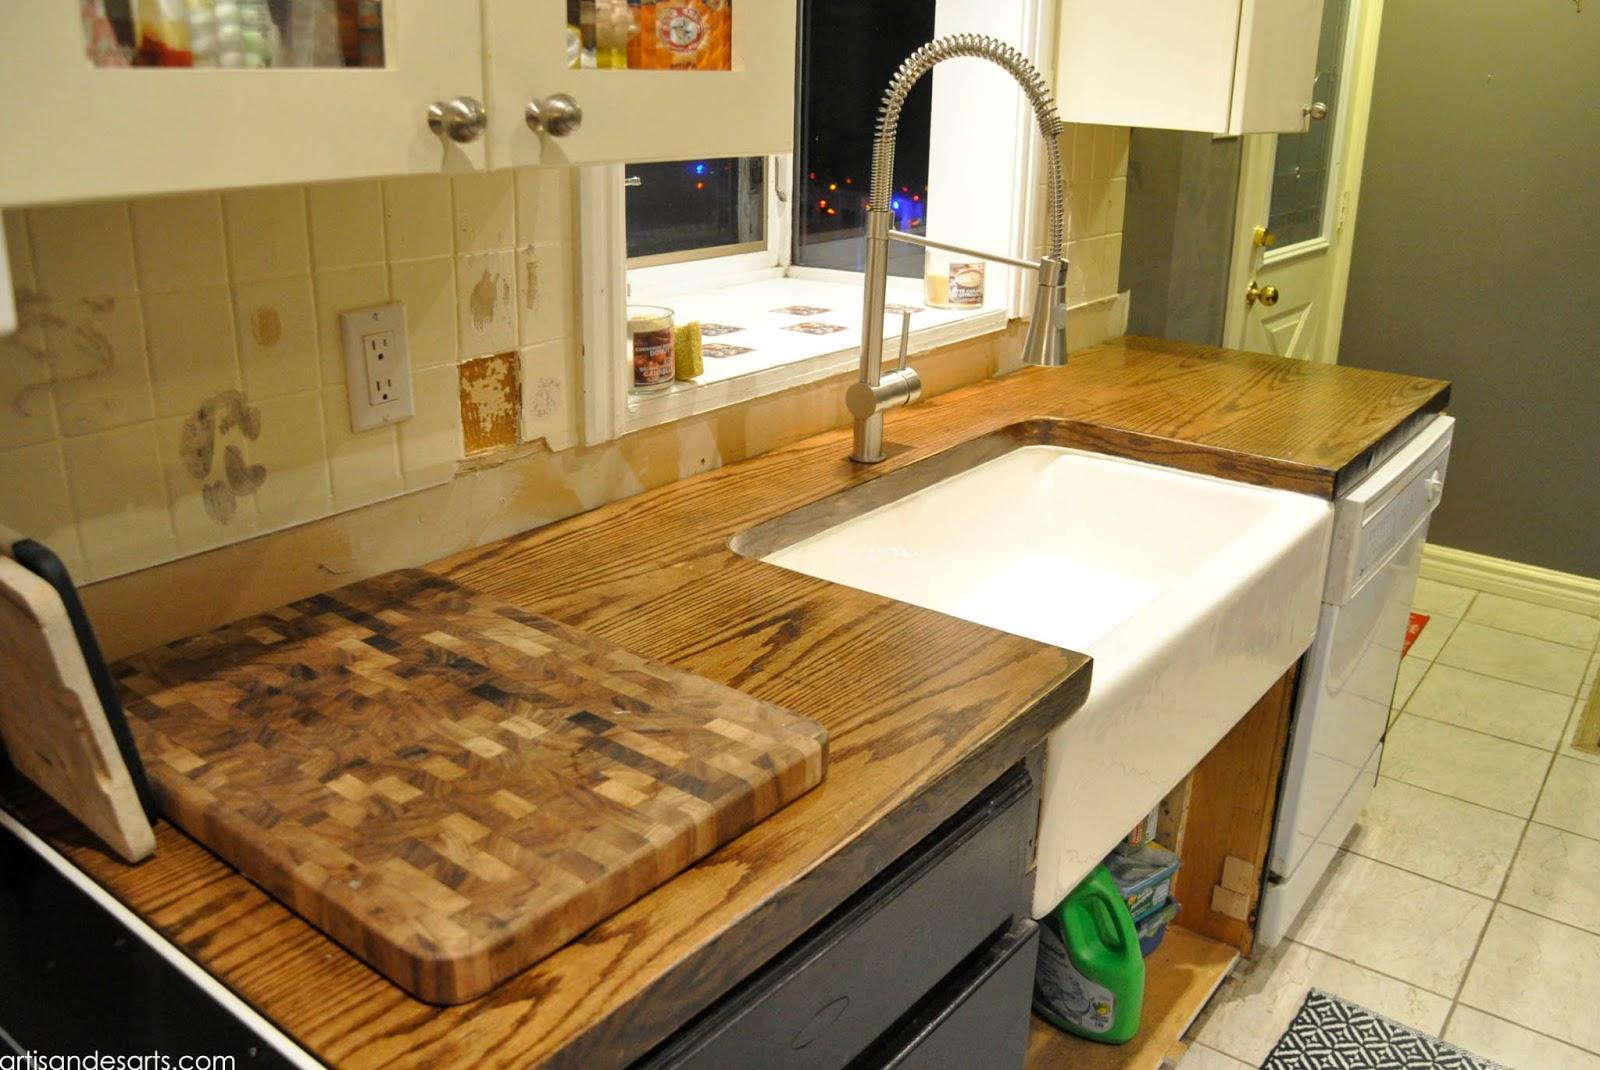 diy wood door butcher block countertops butcher block kitchen countertops DIY Wood door butcher block countertops under